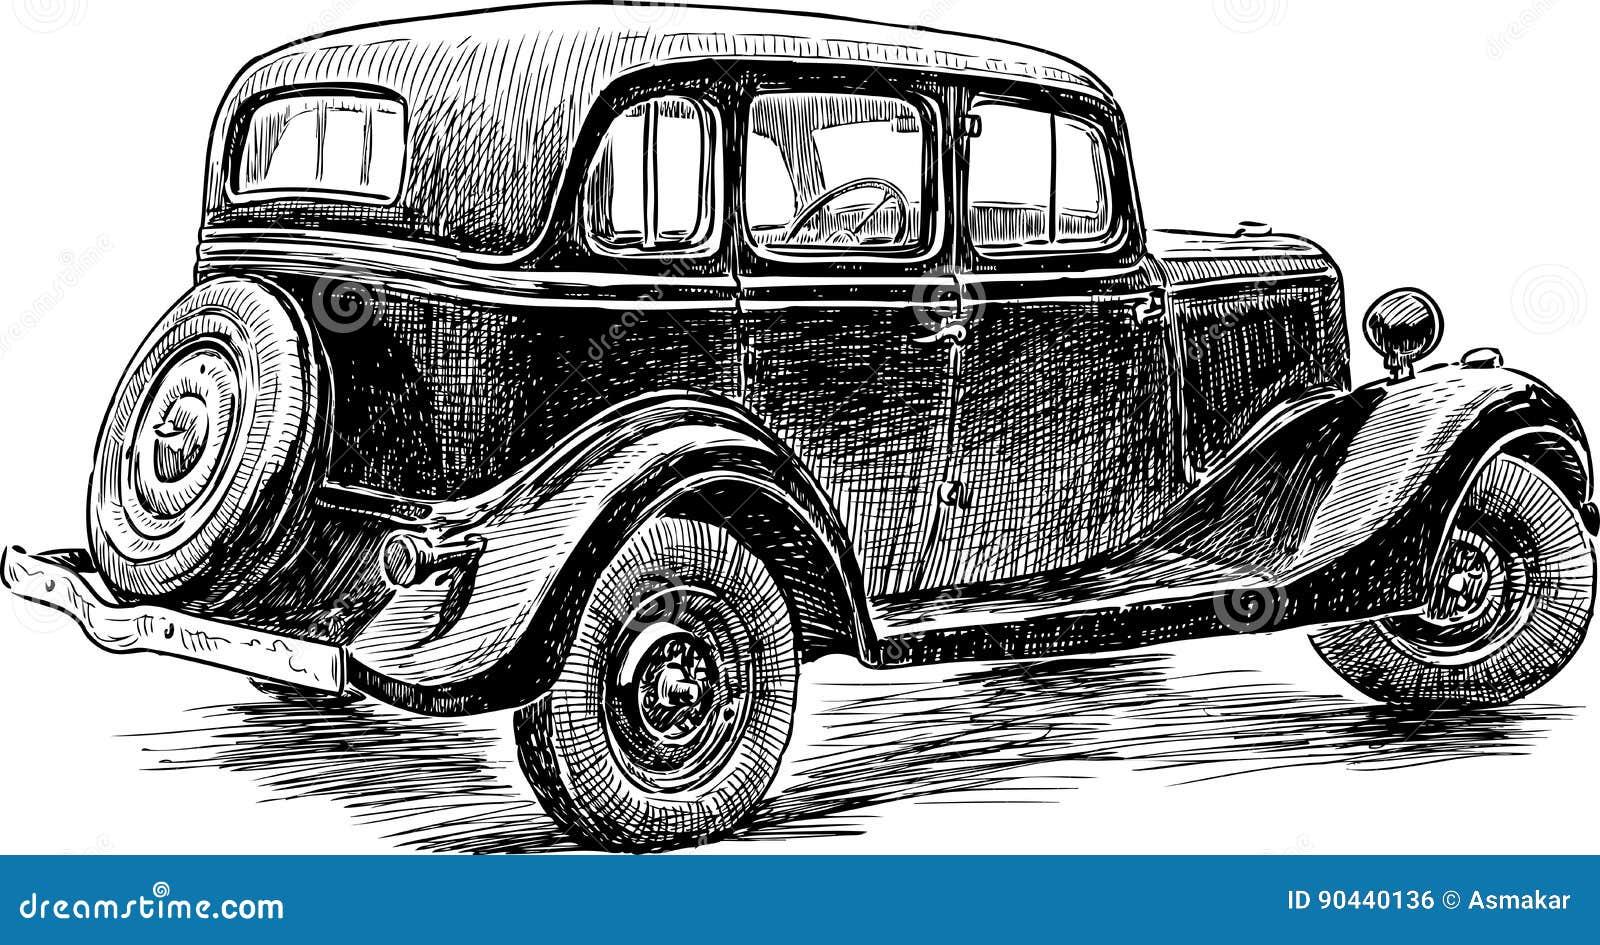 Skizze eines Retro- Autos vektor abbildung. Illustration von hand ...